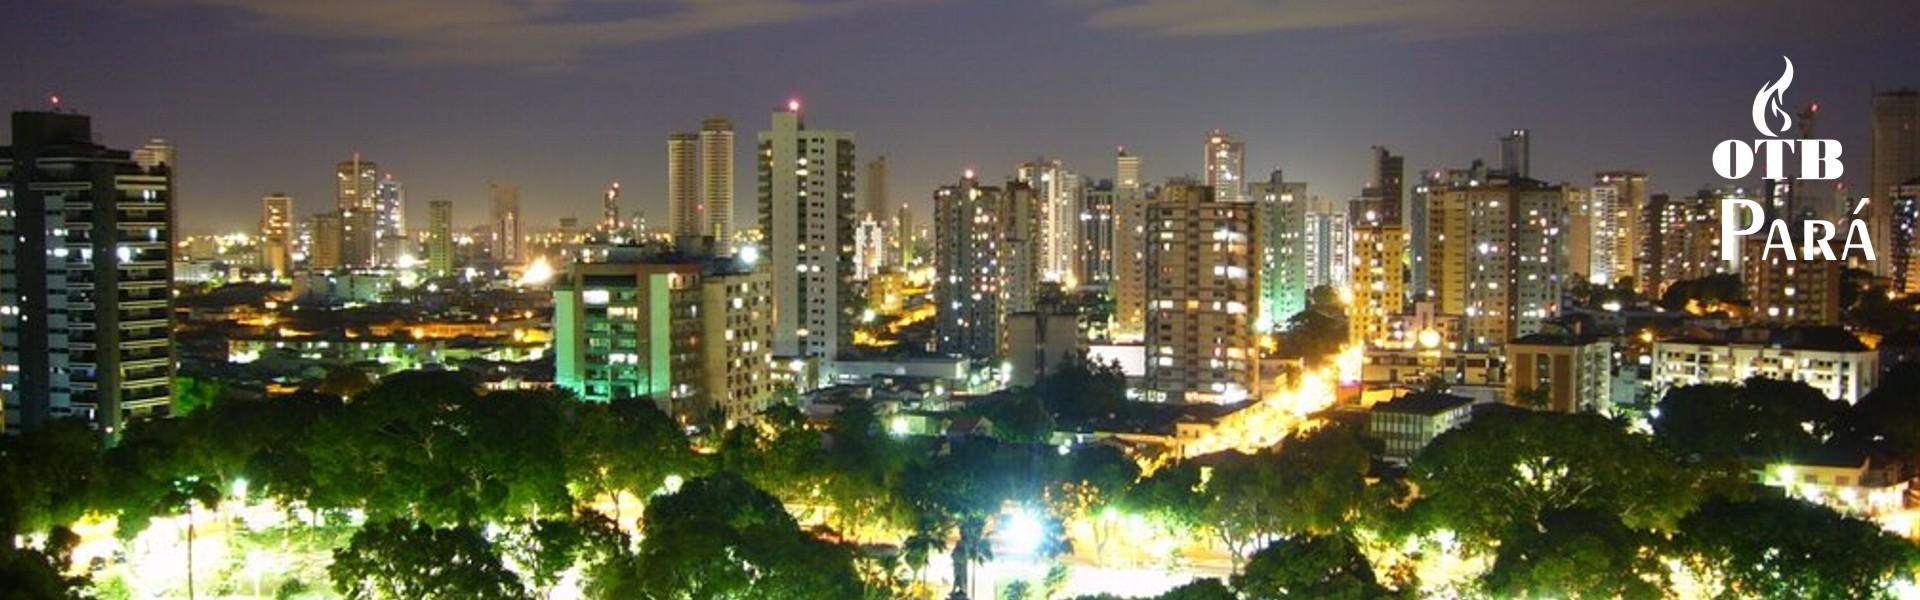 OTB Estado do Pará